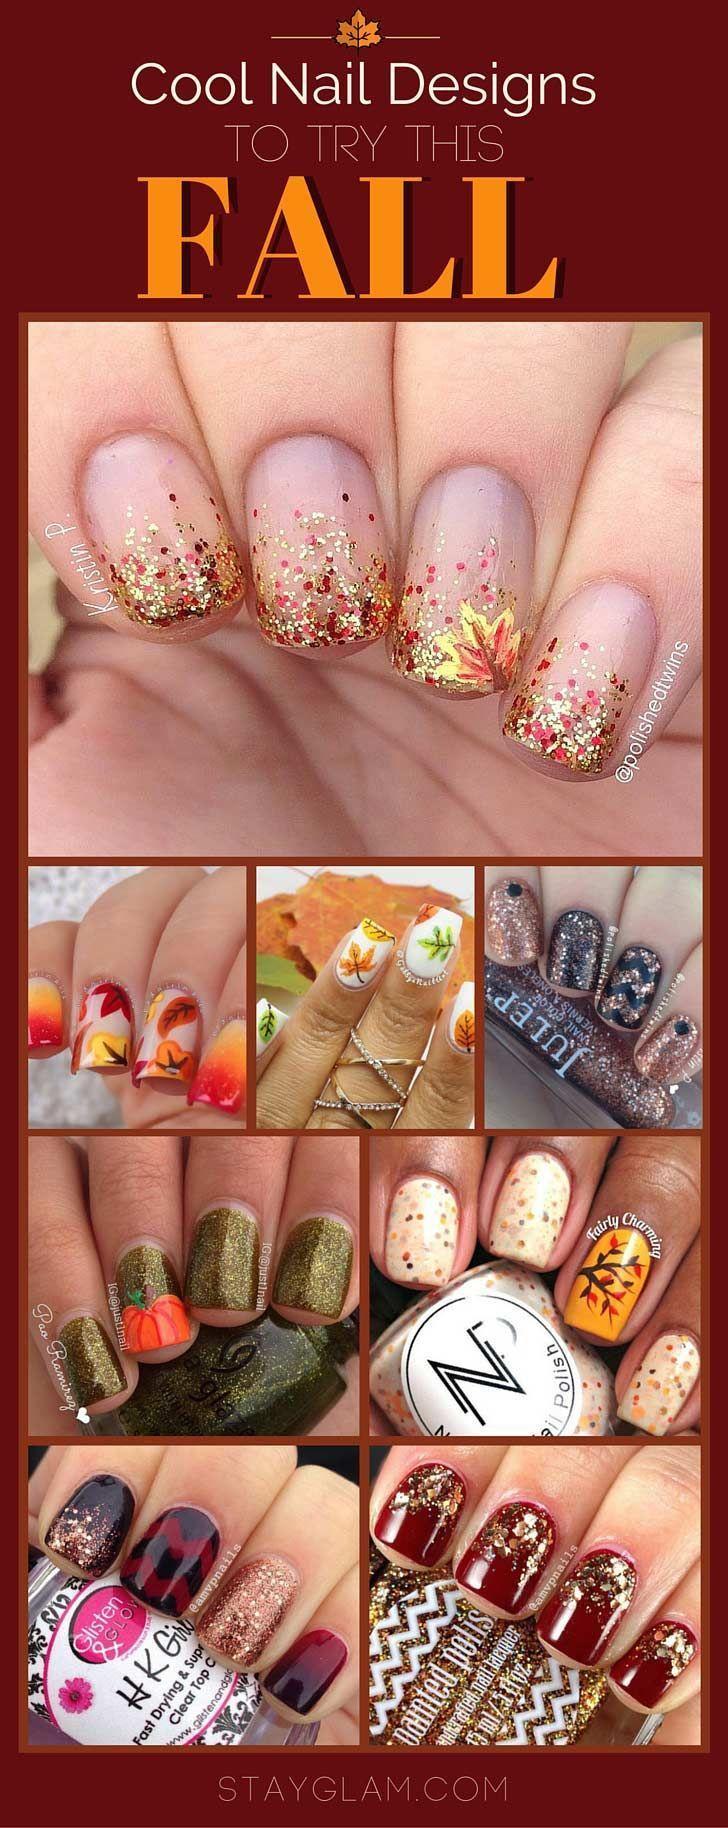 121 besten Nails Bilder auf Pinterest | Nagelkunst, Perfekte nägel ...